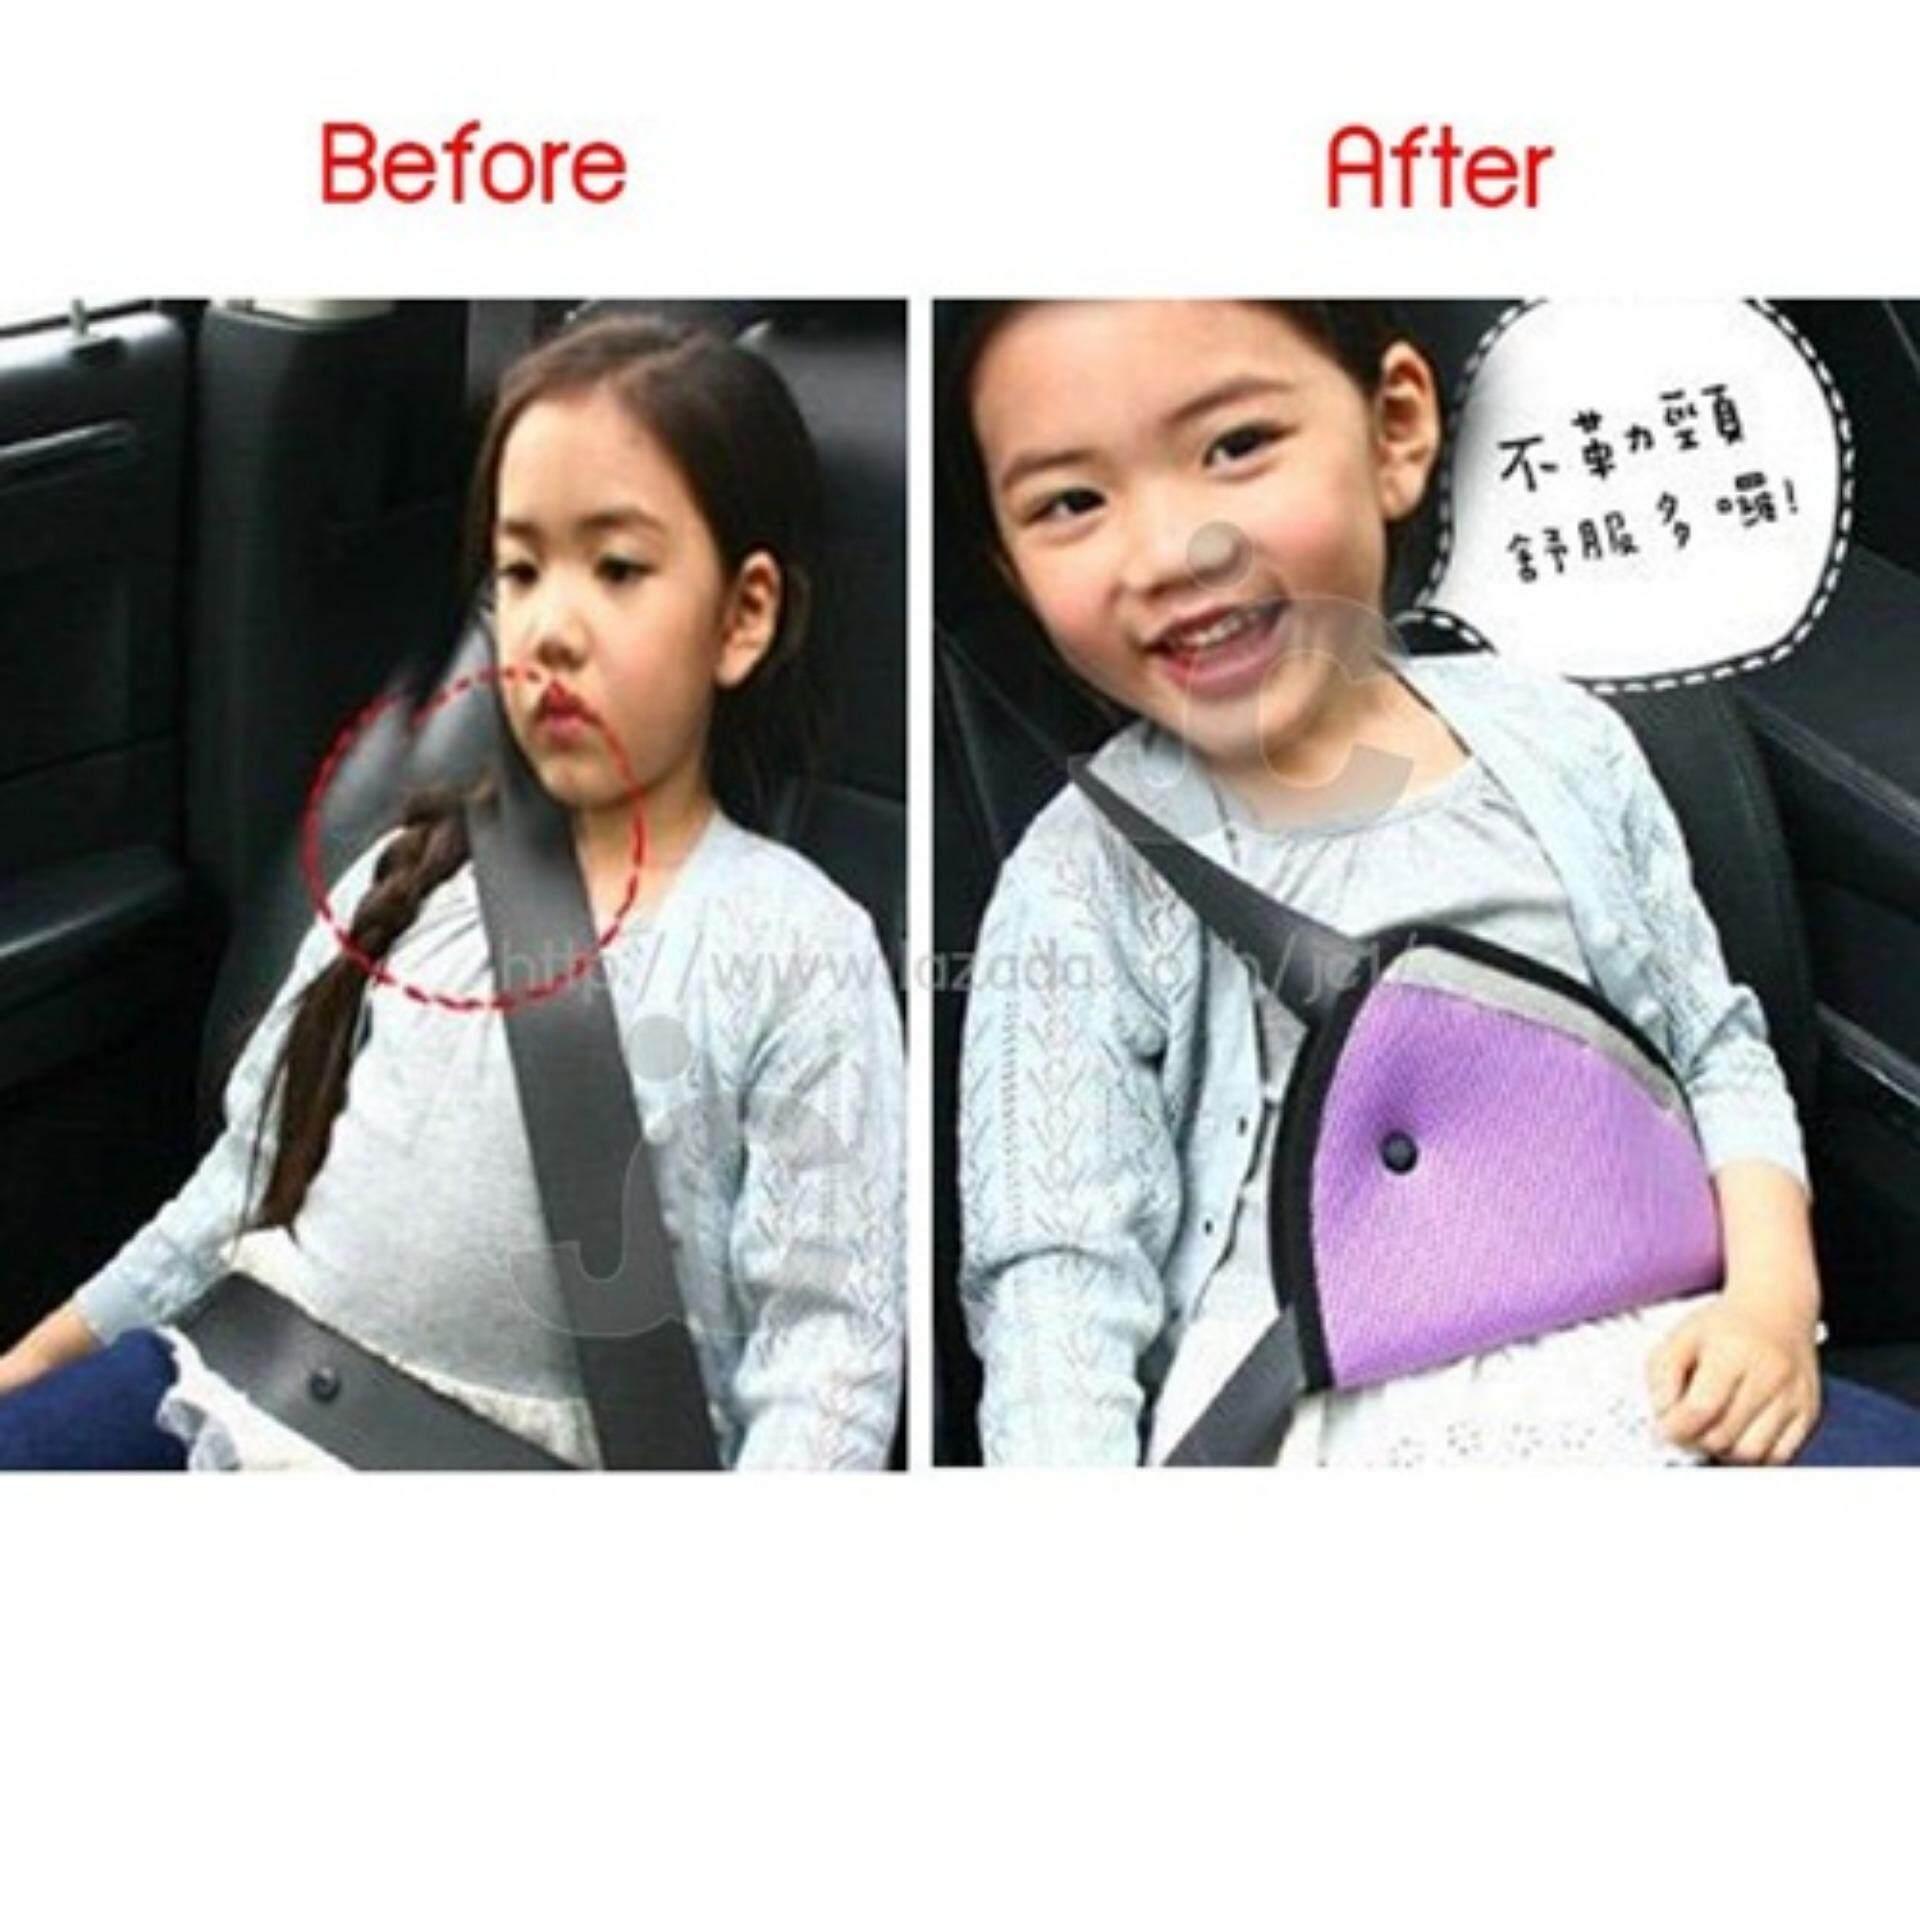 การดู WACA เข็มขัดนิรภัยรถยนต์สำหรับเด็ก ที่ปรับระดับเข็มขัดนิรภัยสำหรับเด็ก ไม่ต้องใช้คาร์ซีท ซื้อที่ไหน